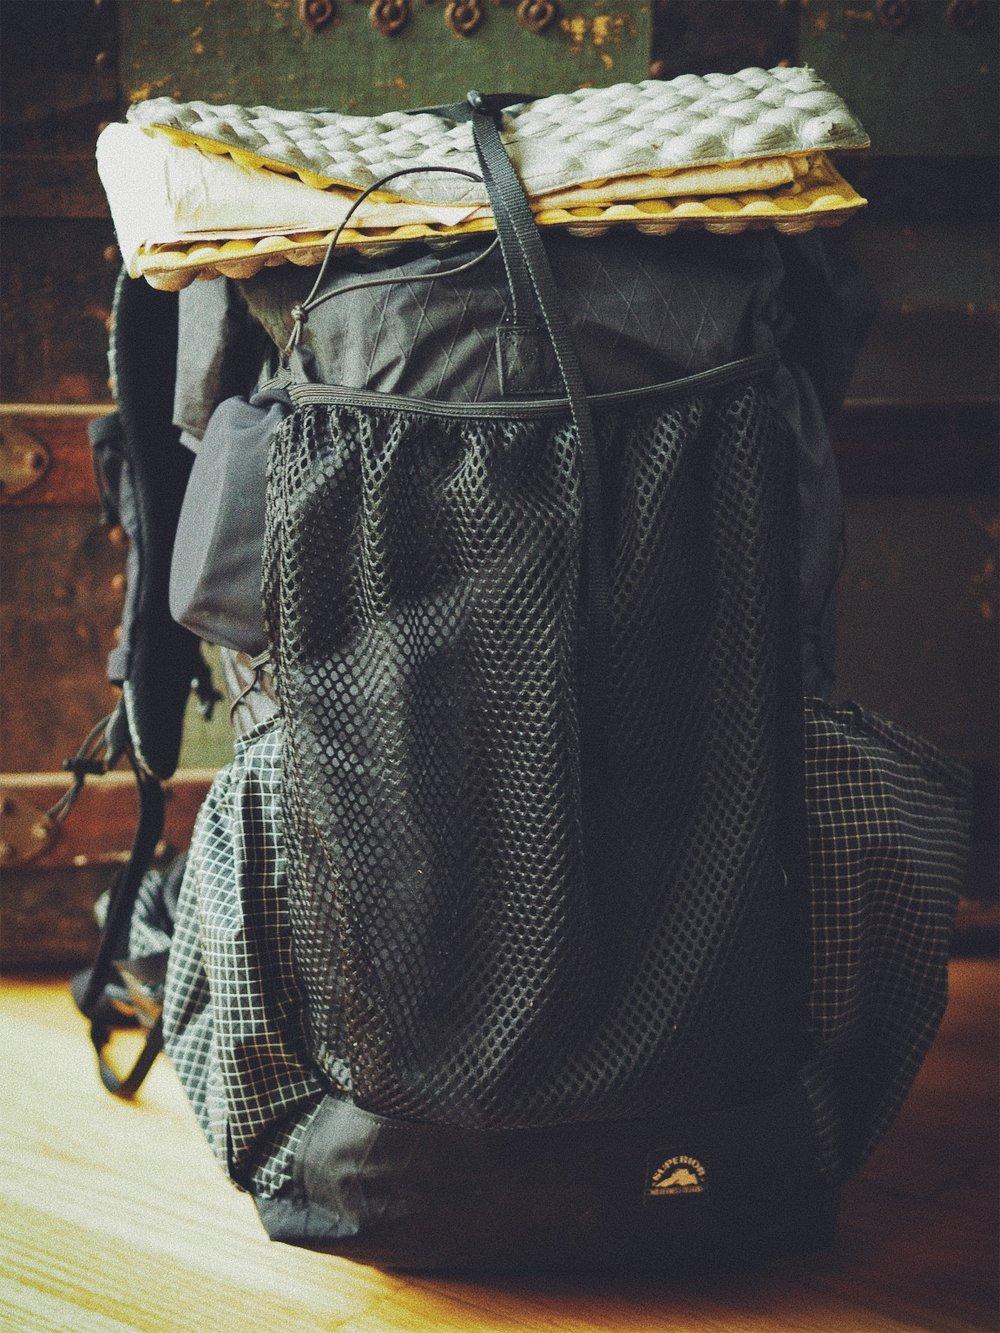 Backpacks - asdlkfalksjdfadslfkasldfkadskfja